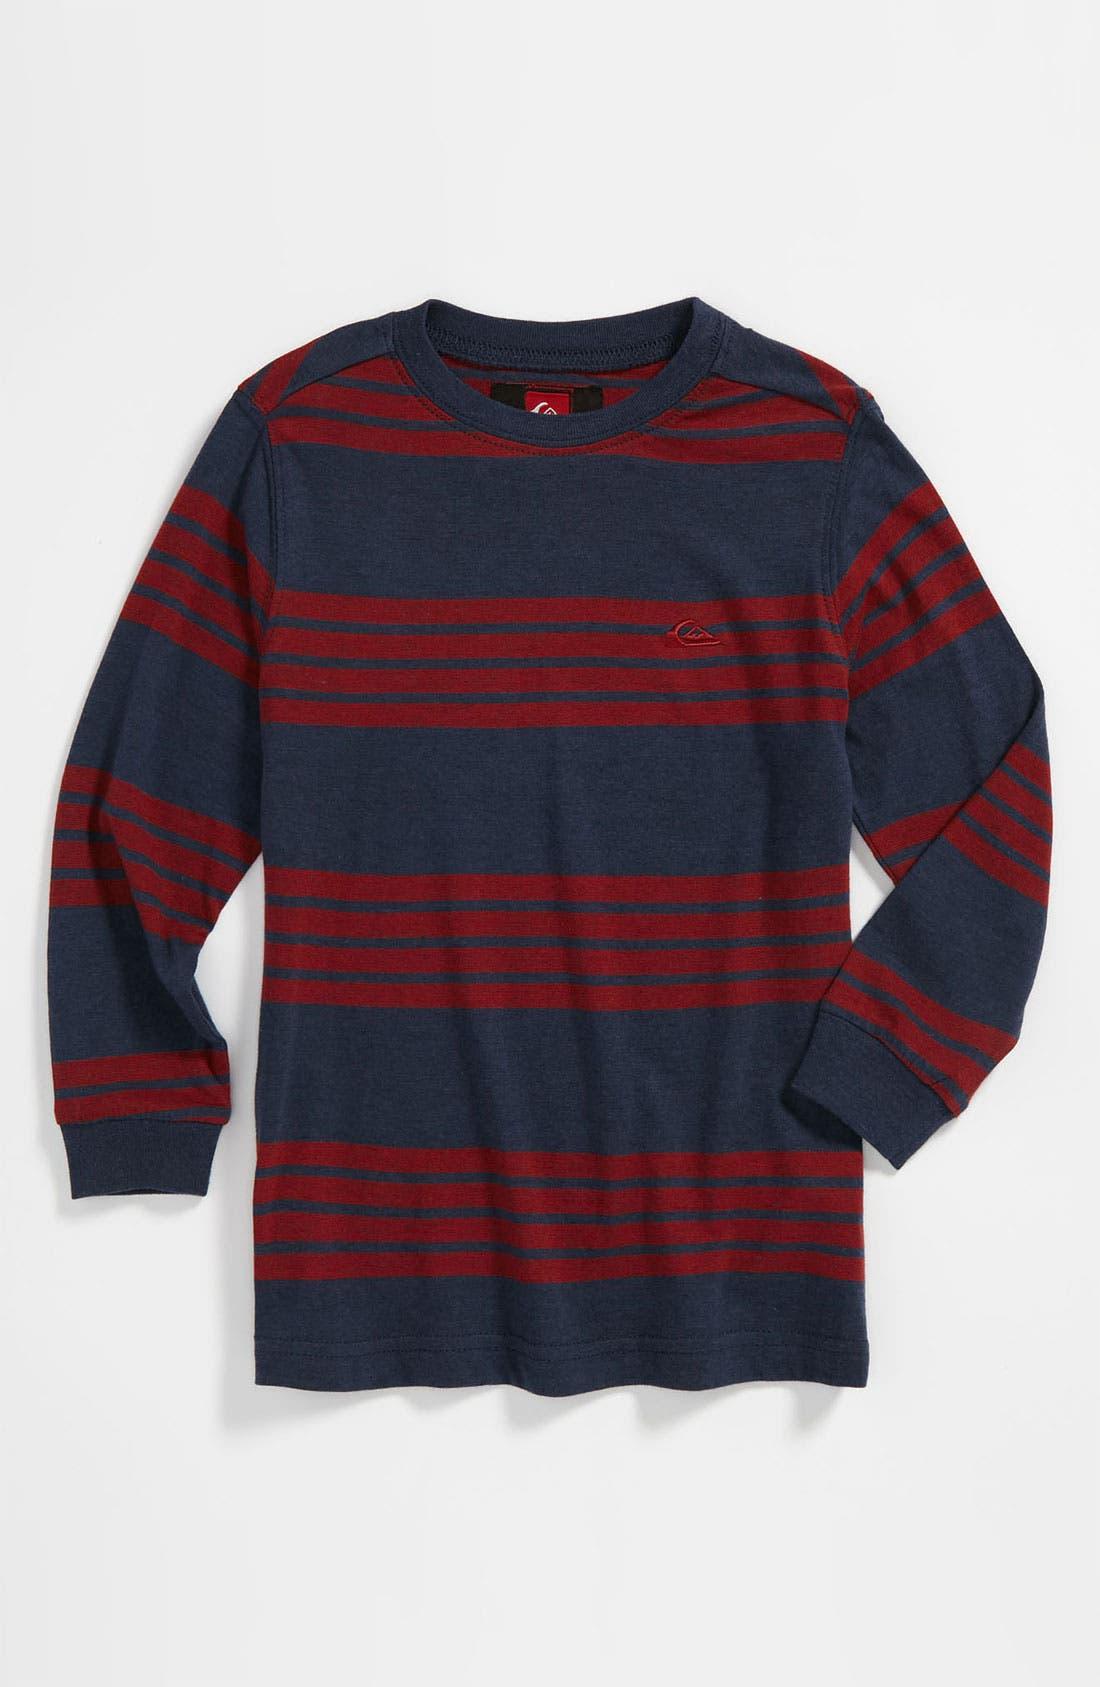 Main Image - Quiksilver 'Kinser' T-Shirt (Infant)